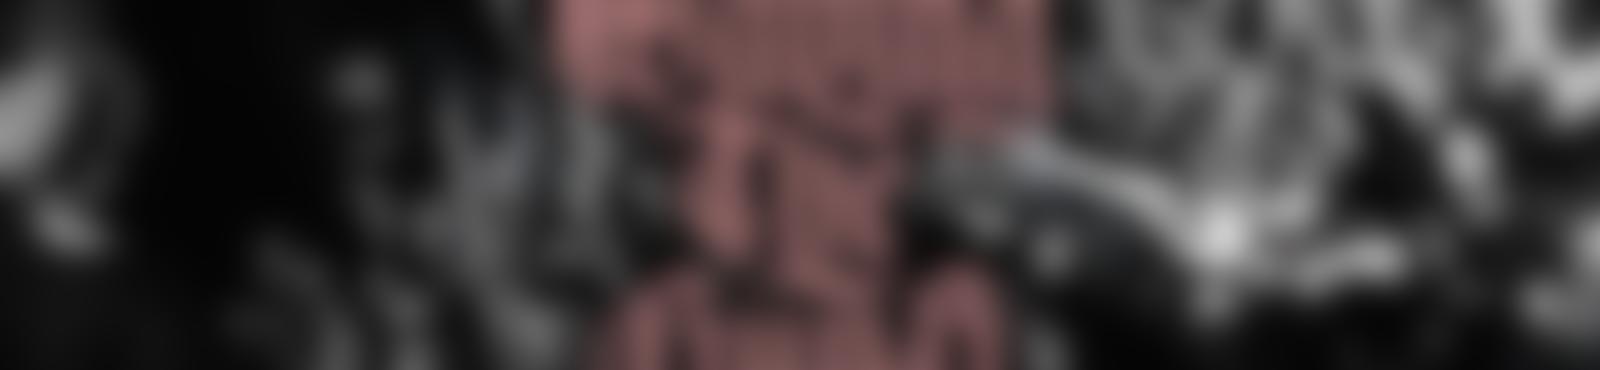 Blurred ce1a266b 3588 4939 ae6f 8432dfbf2e94